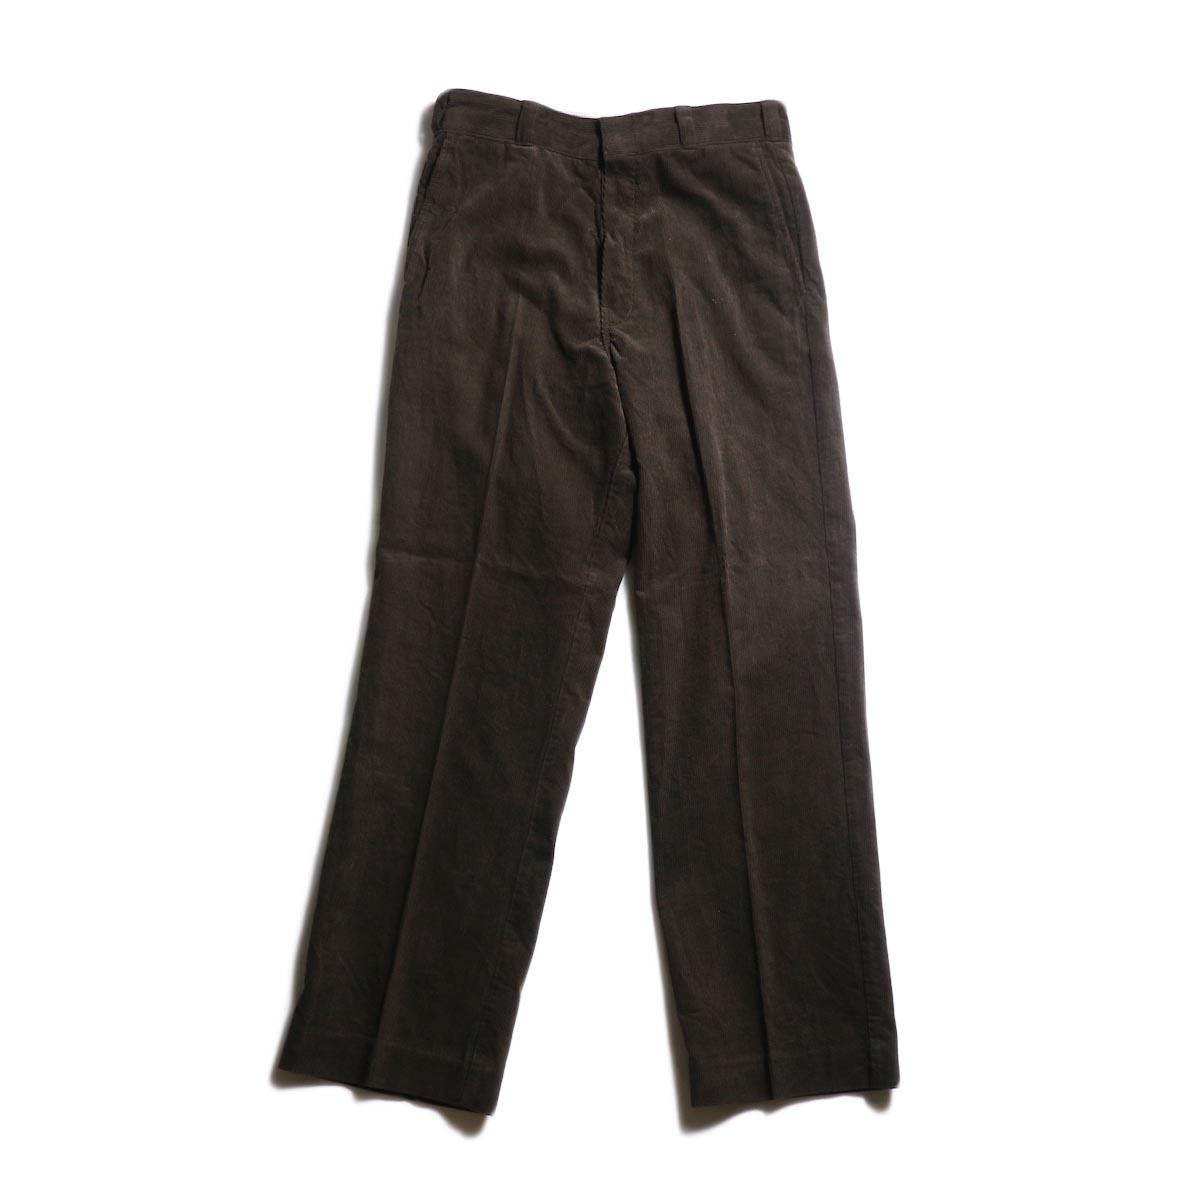 UNUSED × Dickies / UW0774 corduroy pant -Chocolate